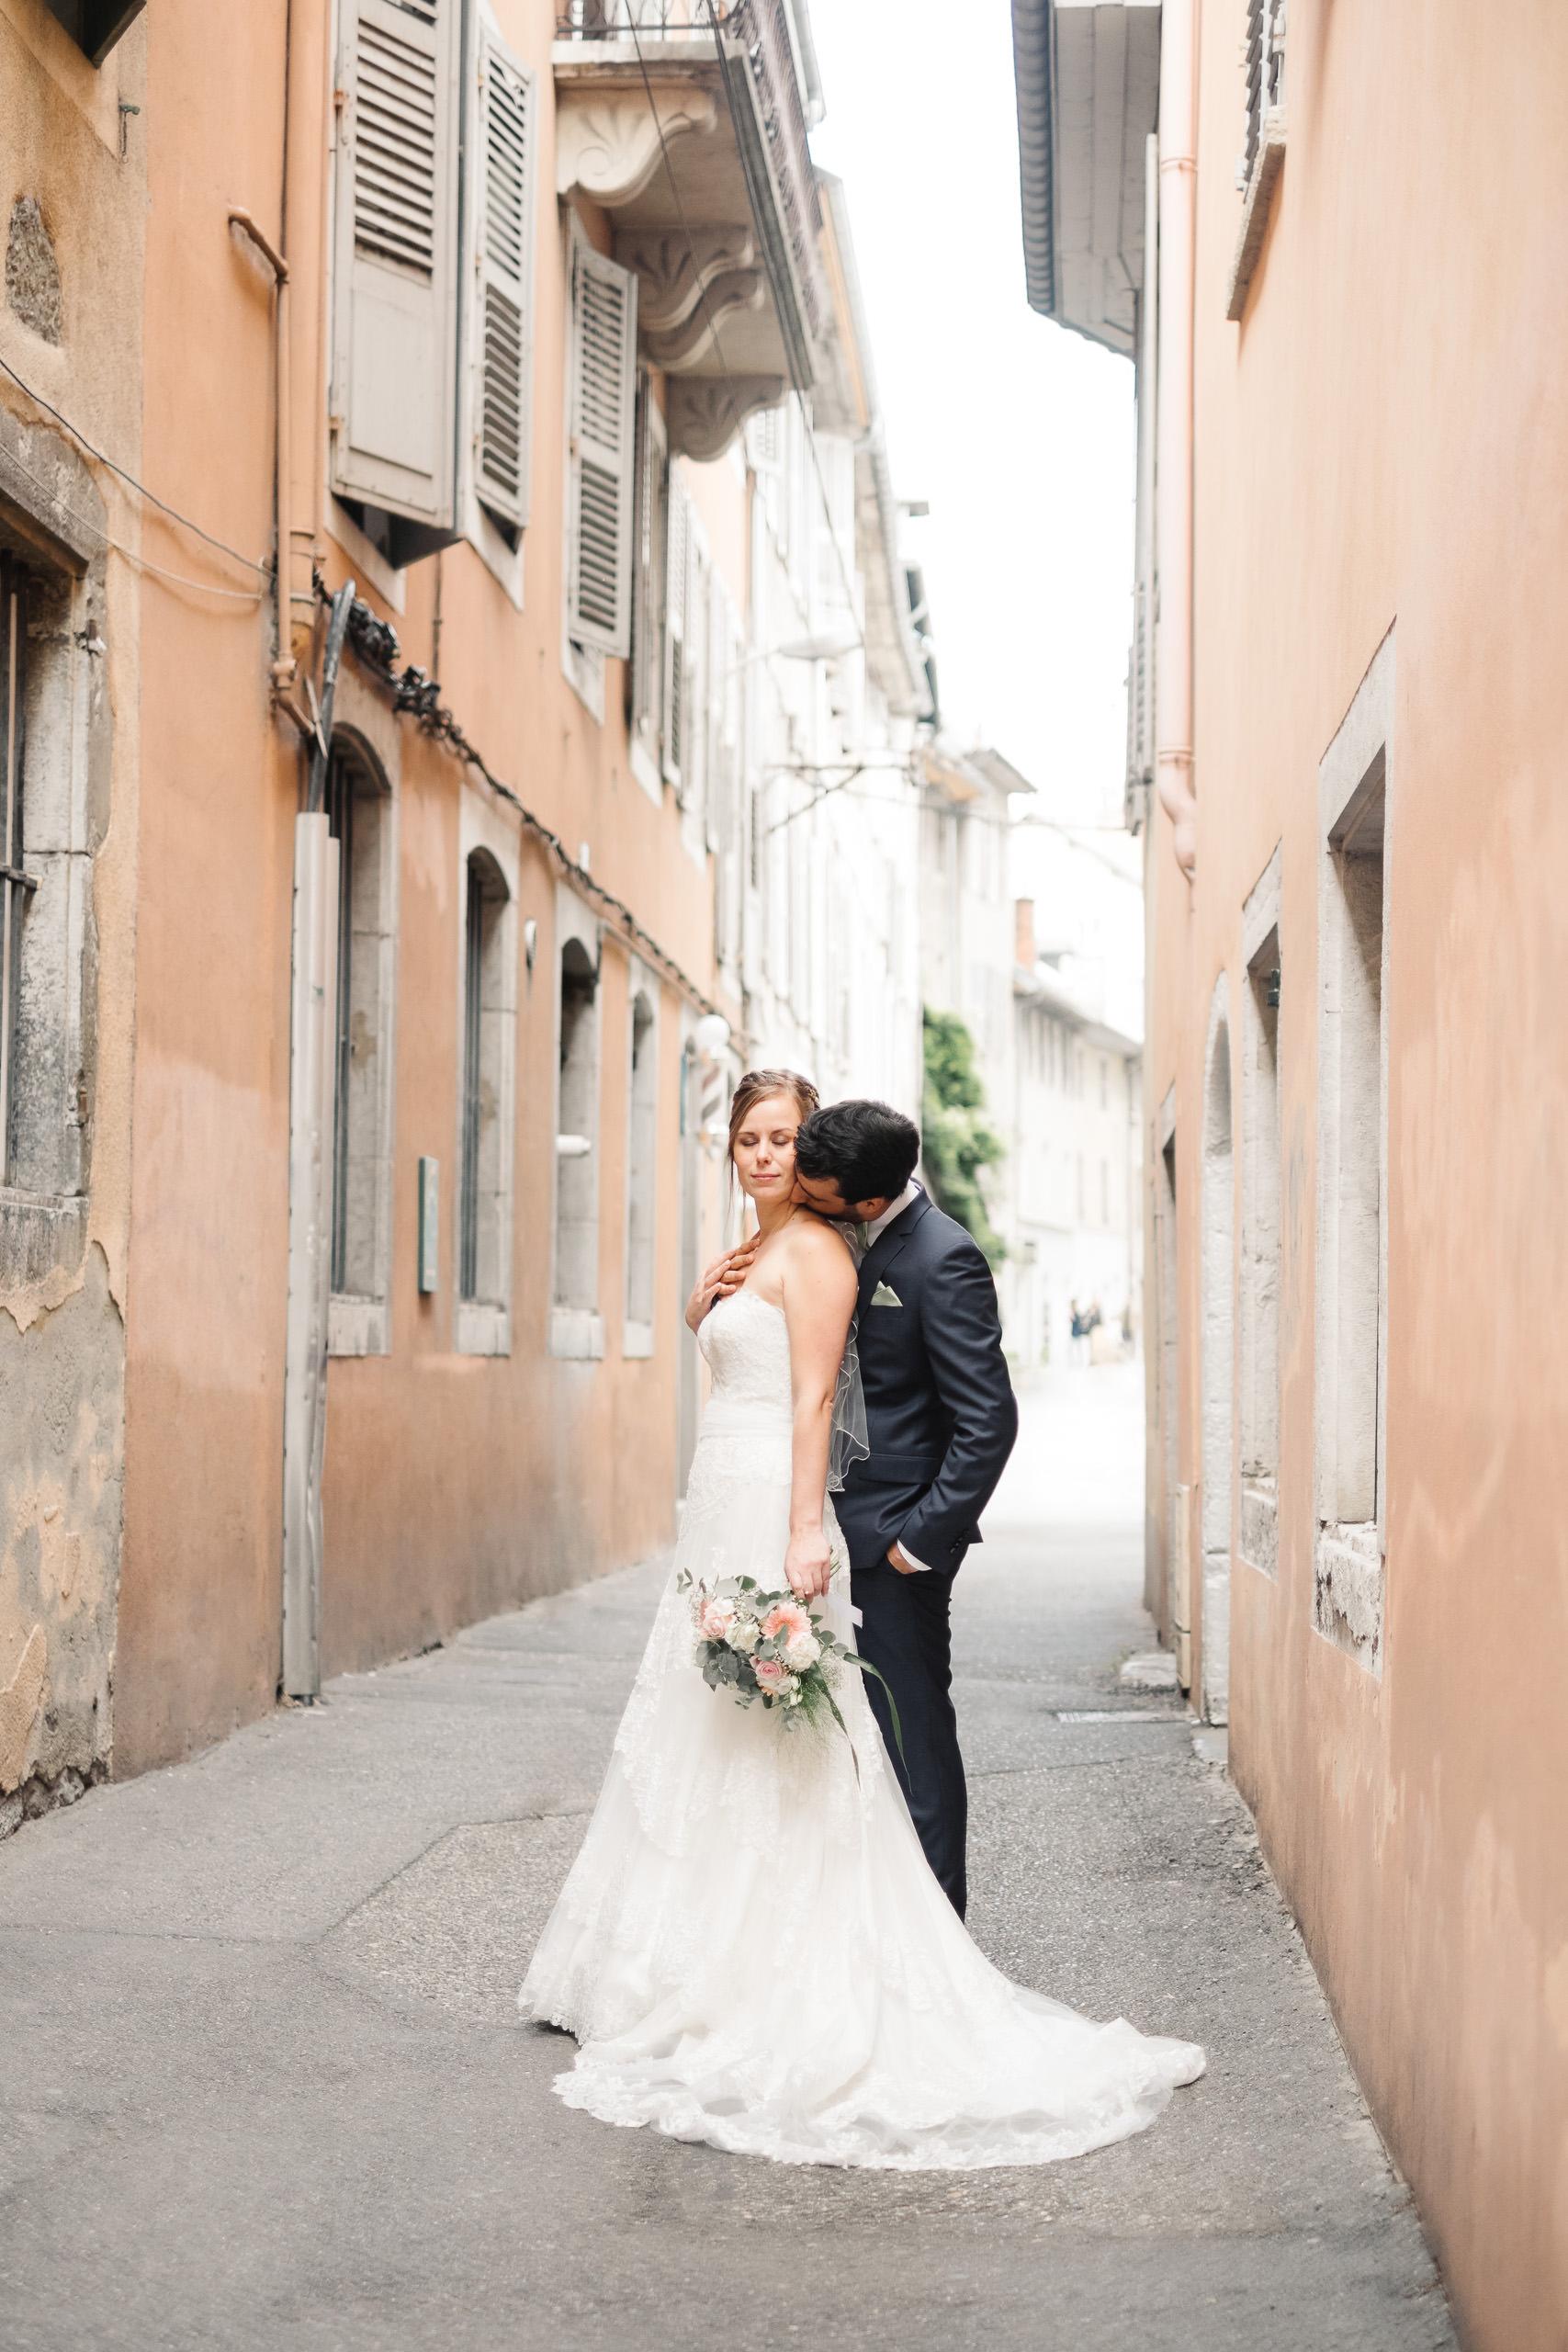 Mariage à Chambéry centre ville - Séance photos de couple - Lucile & Florent